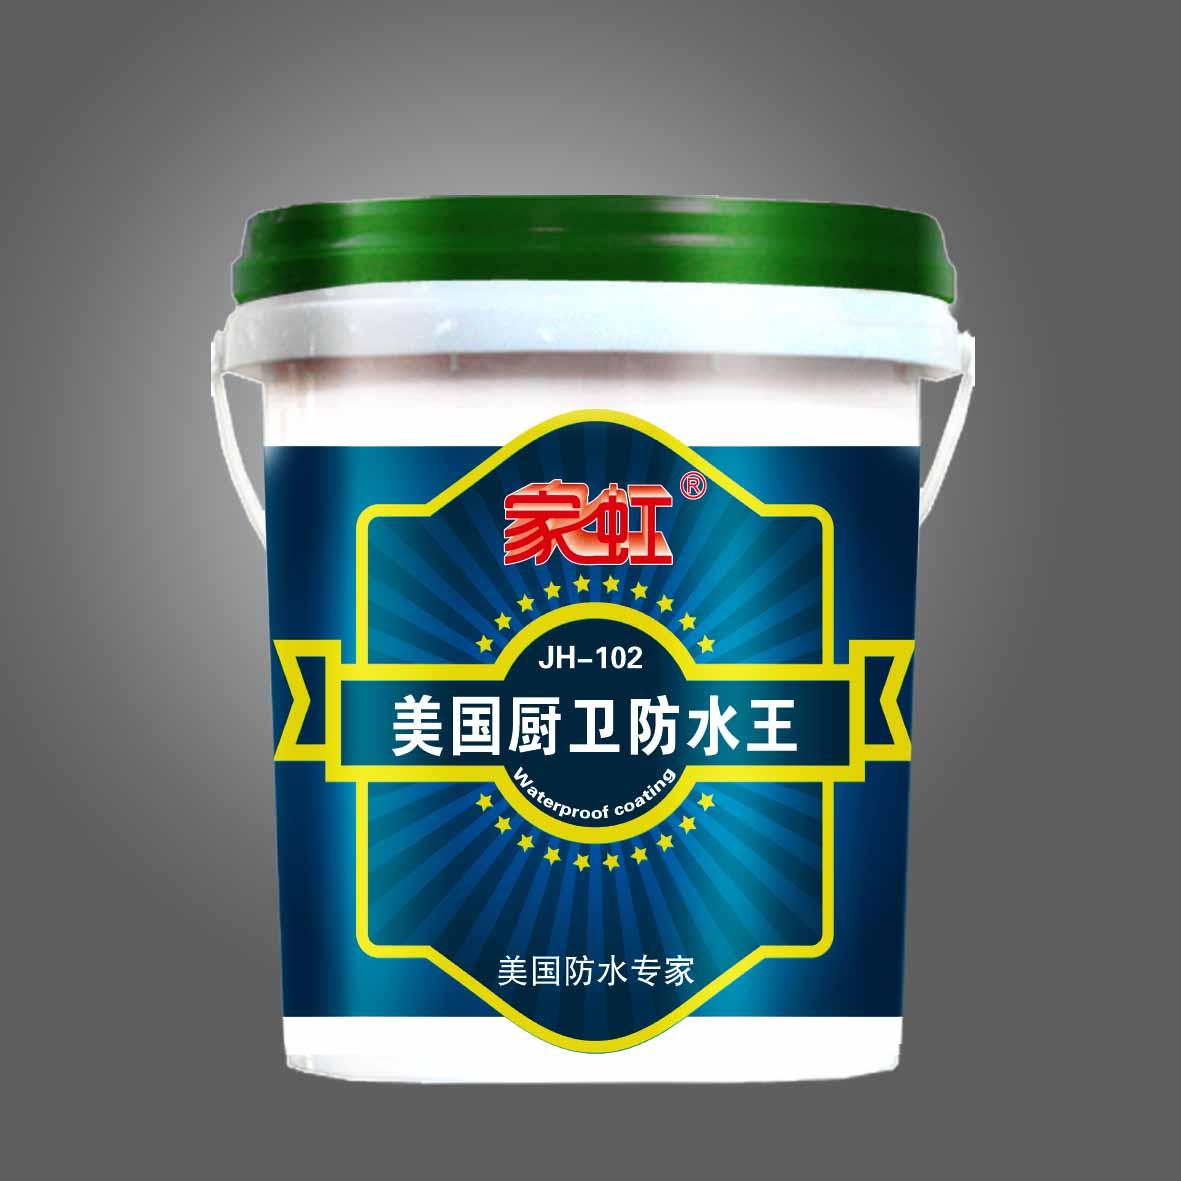 JH-102家虹美国厨卫防水王 产品图片